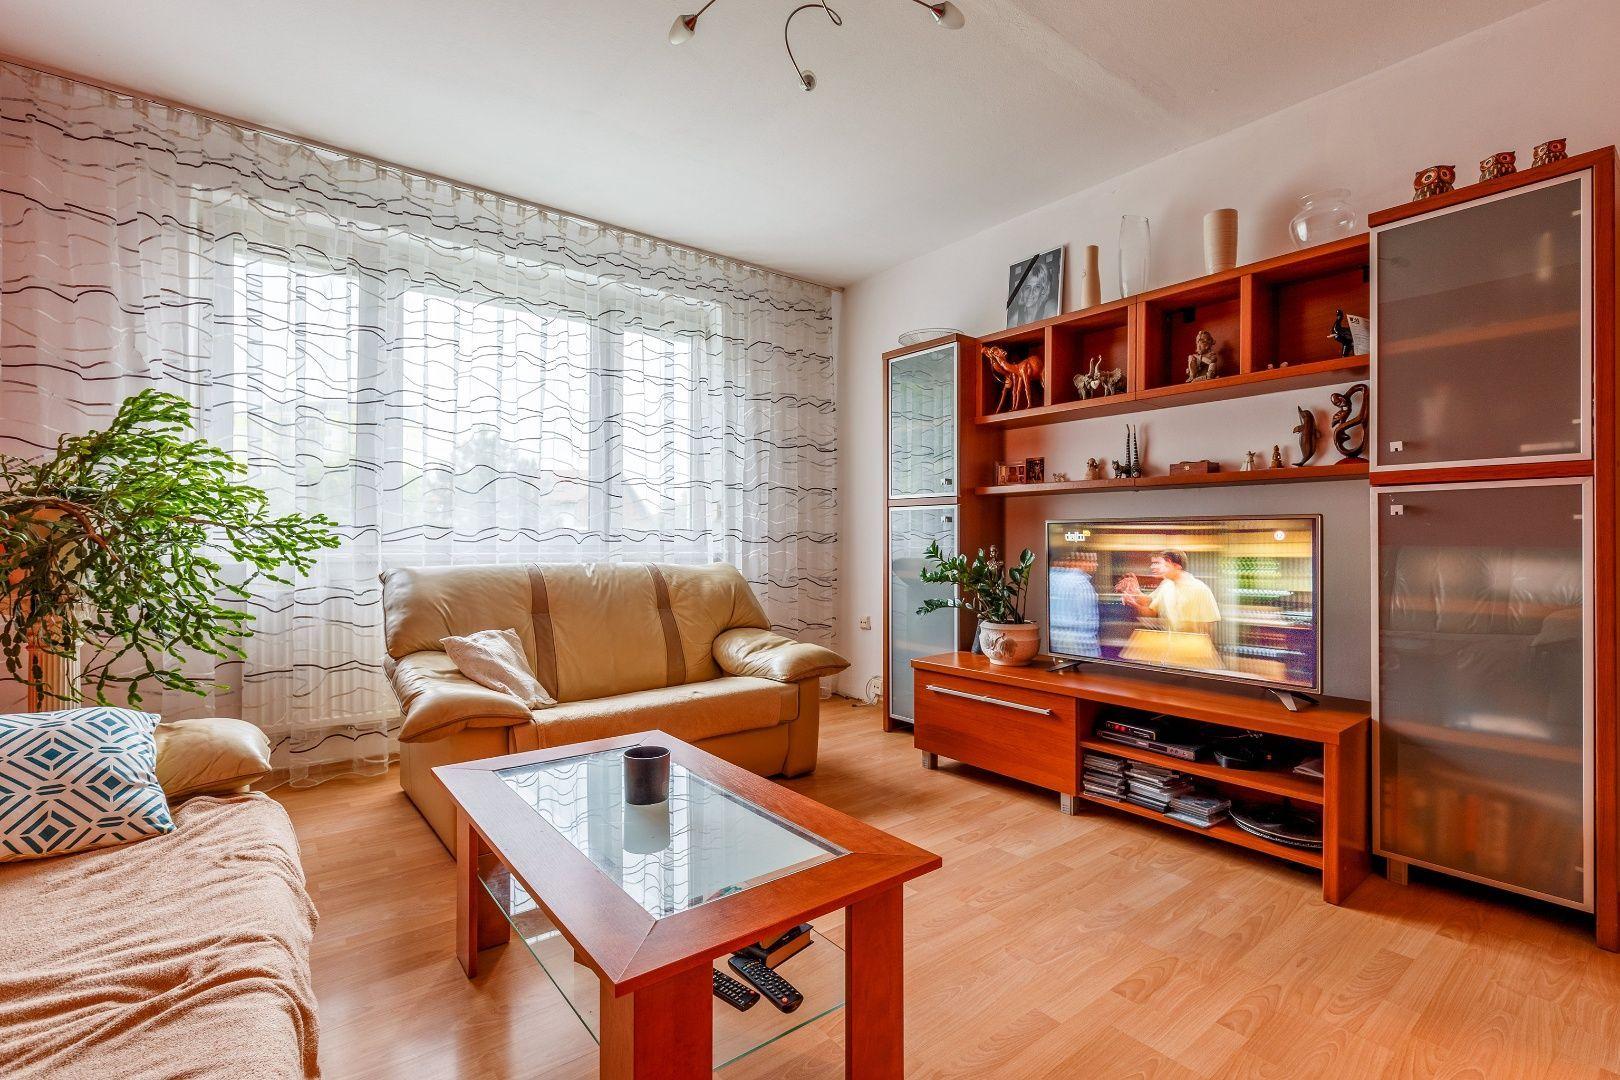 Iný-Predaj-Bratislava - mestská časť Vrakuňa-189 000 €